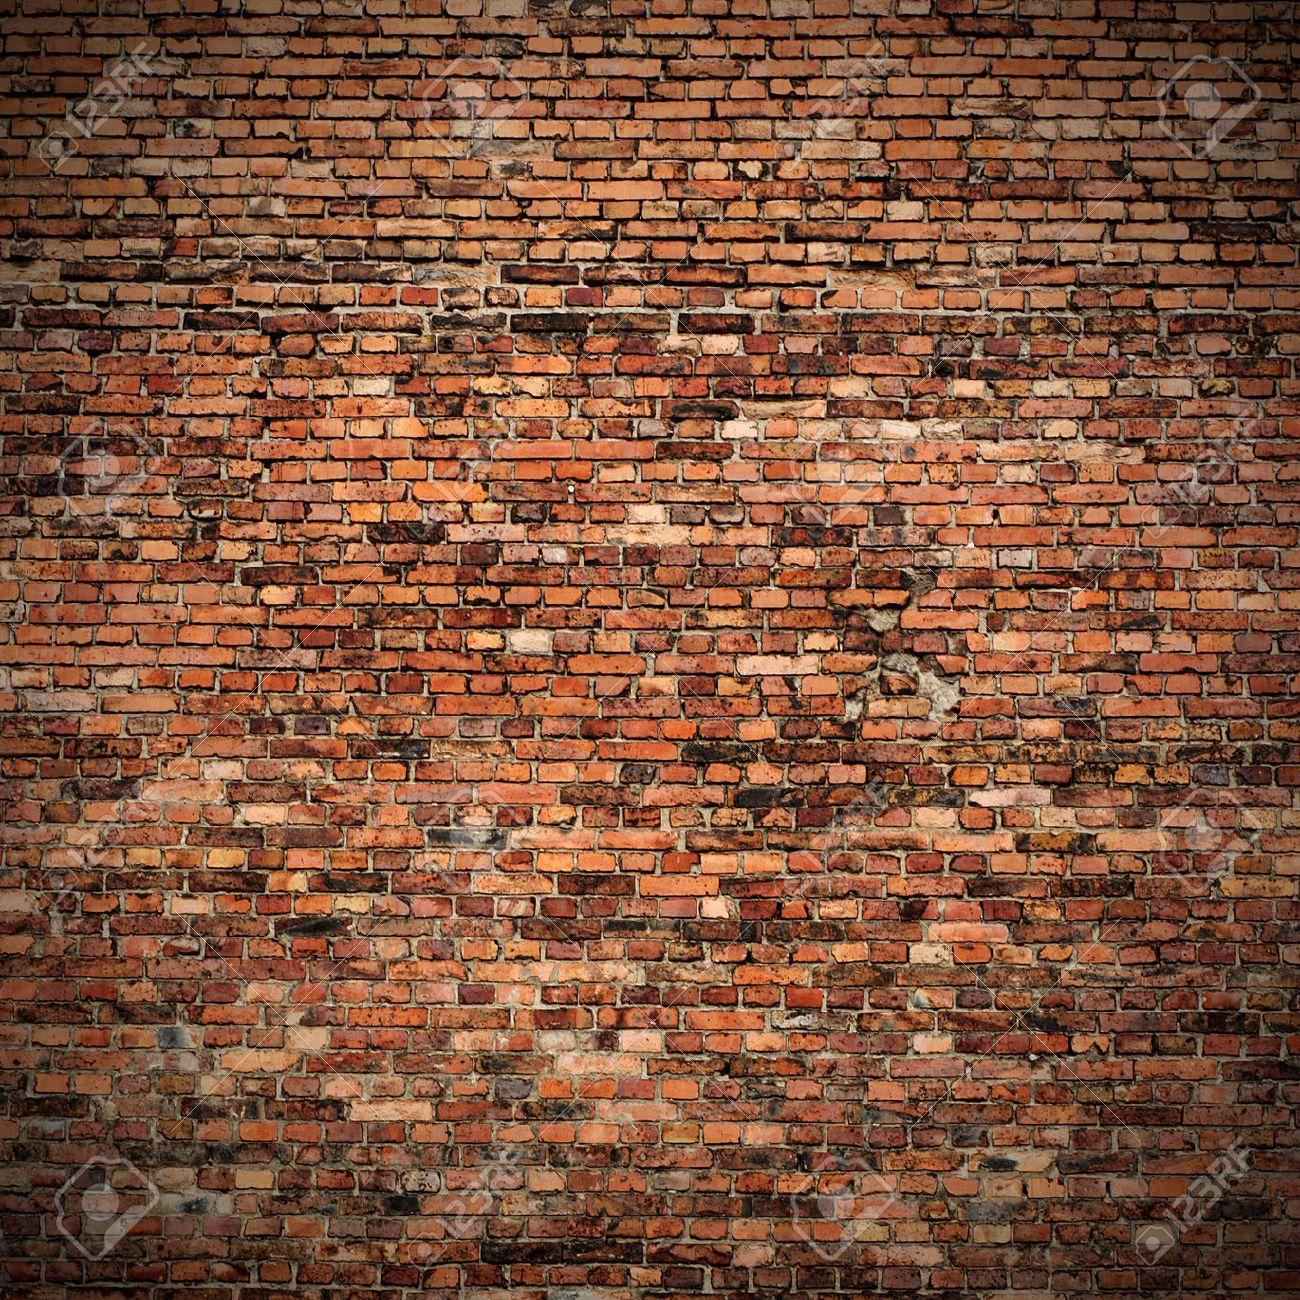 Mur En Brique Rouge mur de brique rouge de texture grunge avec des coins vignetted au design  d'intérieur